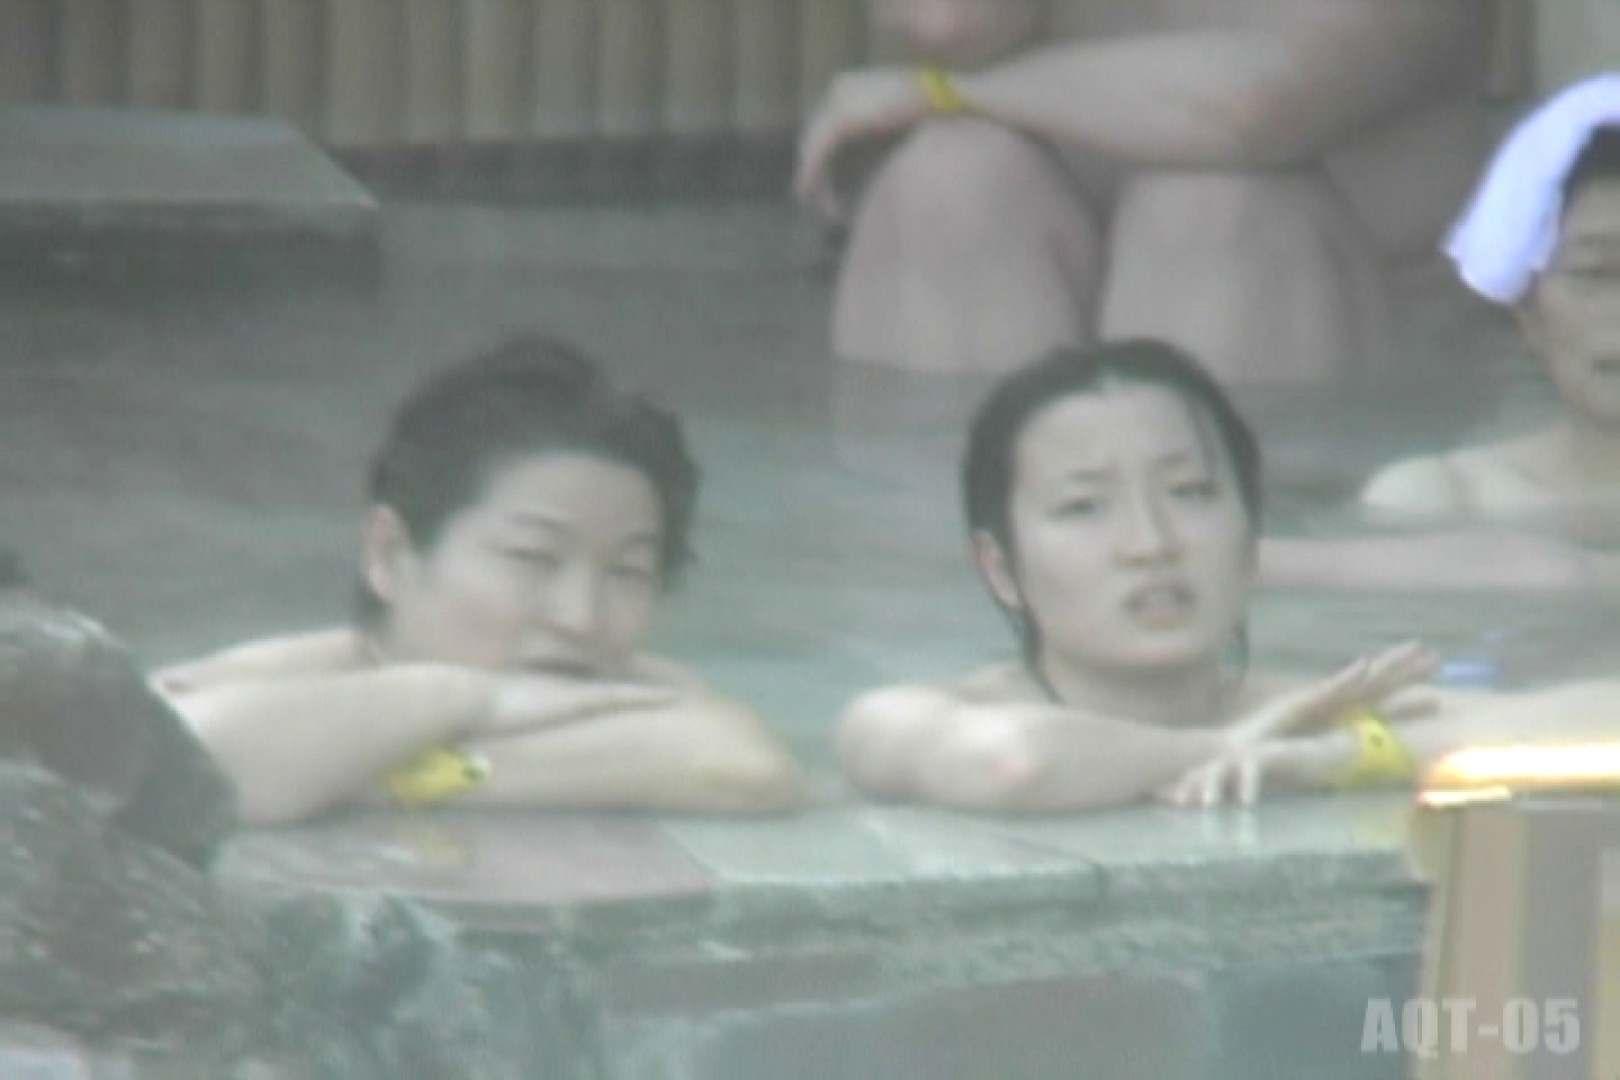 Aquaな露天風呂Vol.746 OLハメ撮り  46Pix 14